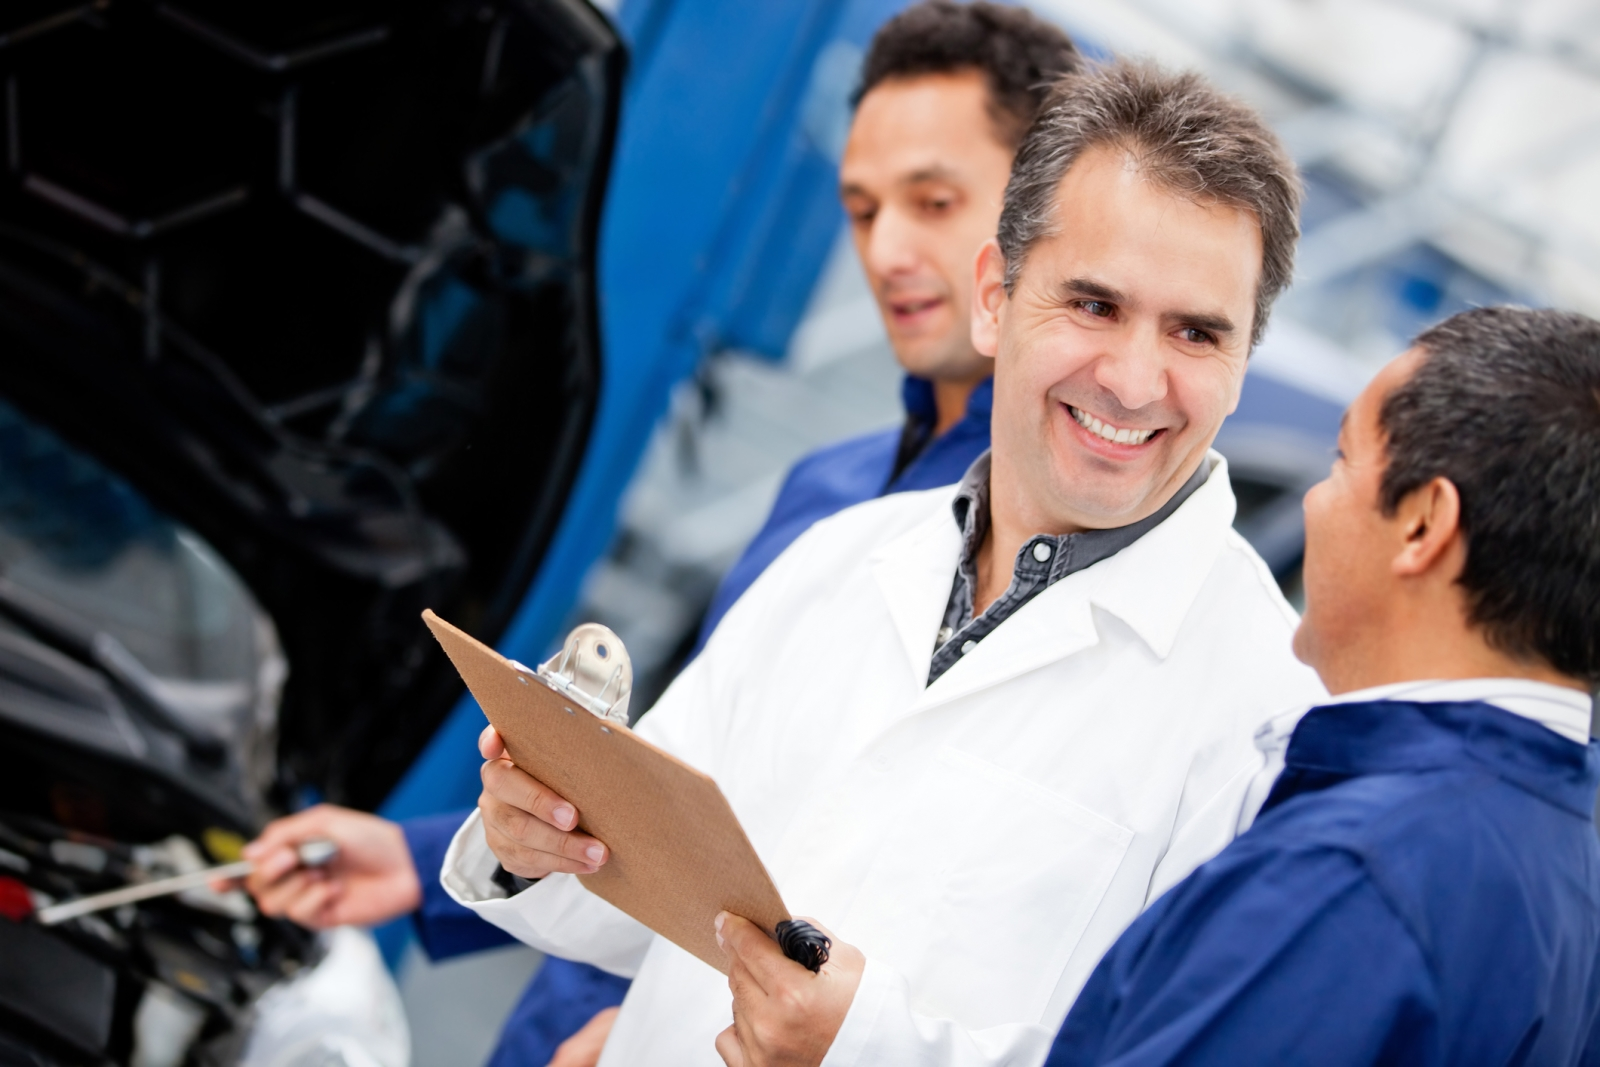 Última semana encuesta sobre aseguradoras de CETRAA a talleres